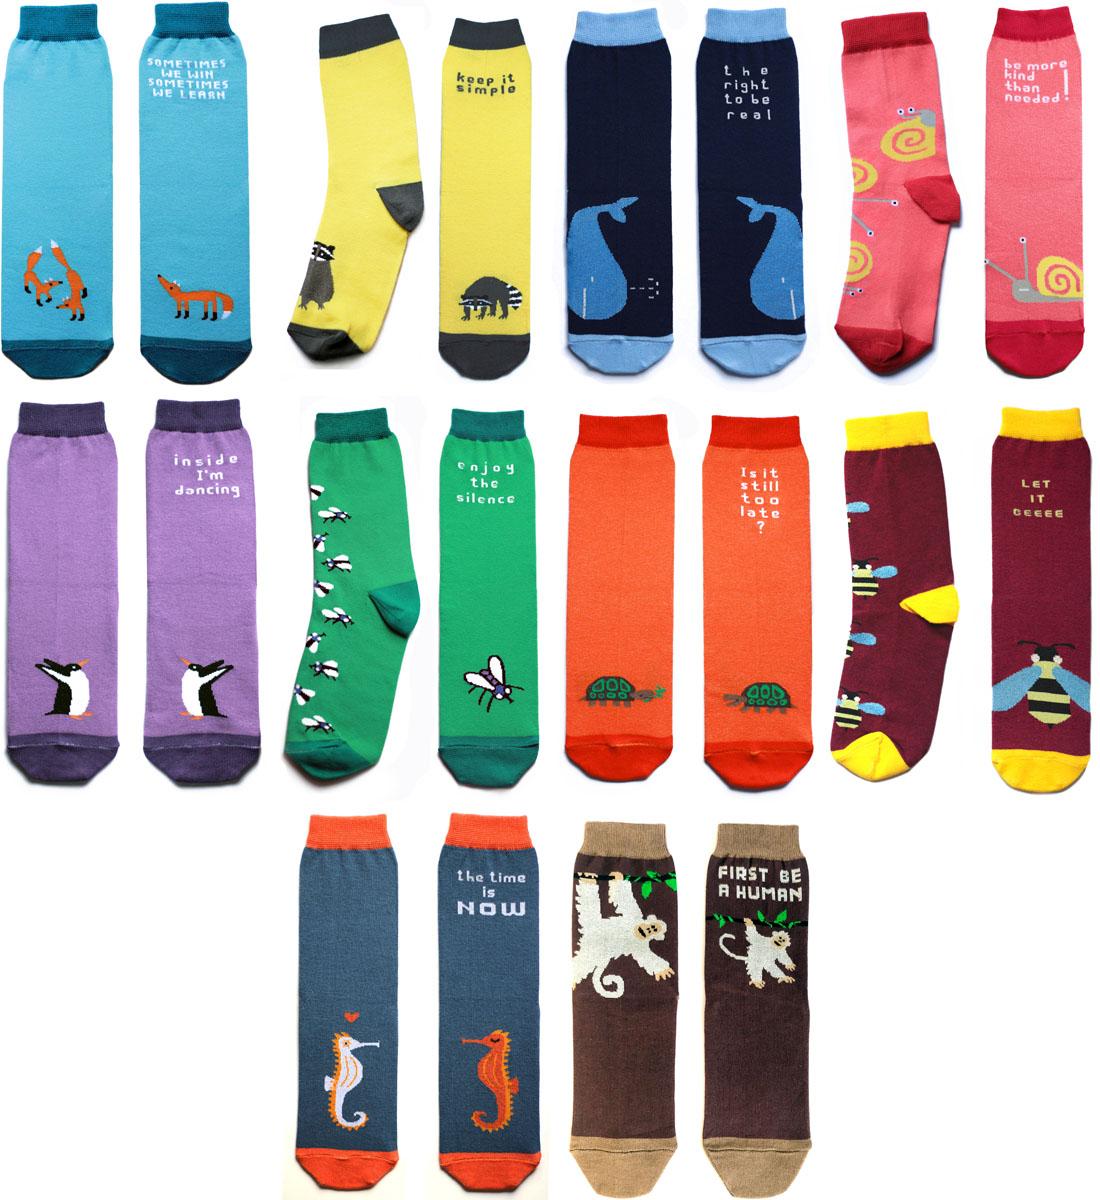 Комплект носков Big Bang Socks , цвет: мультиколор, 10 пар. p011011. Размер 30/34p0110Яркие носки Big Bang Socks выполнены из высококачественного хлопка с добавлением полиамида и эластана, которые обеспечивают отличнуюпосадку. В комплект входят 10 пар разноцветных носков с разными принтами.Модель оснащена эластичной резинкой, которая плотно облегает ногу, не сдавливая ее, обеспечивает удобство.Комплект упакован в фирменную коробку.